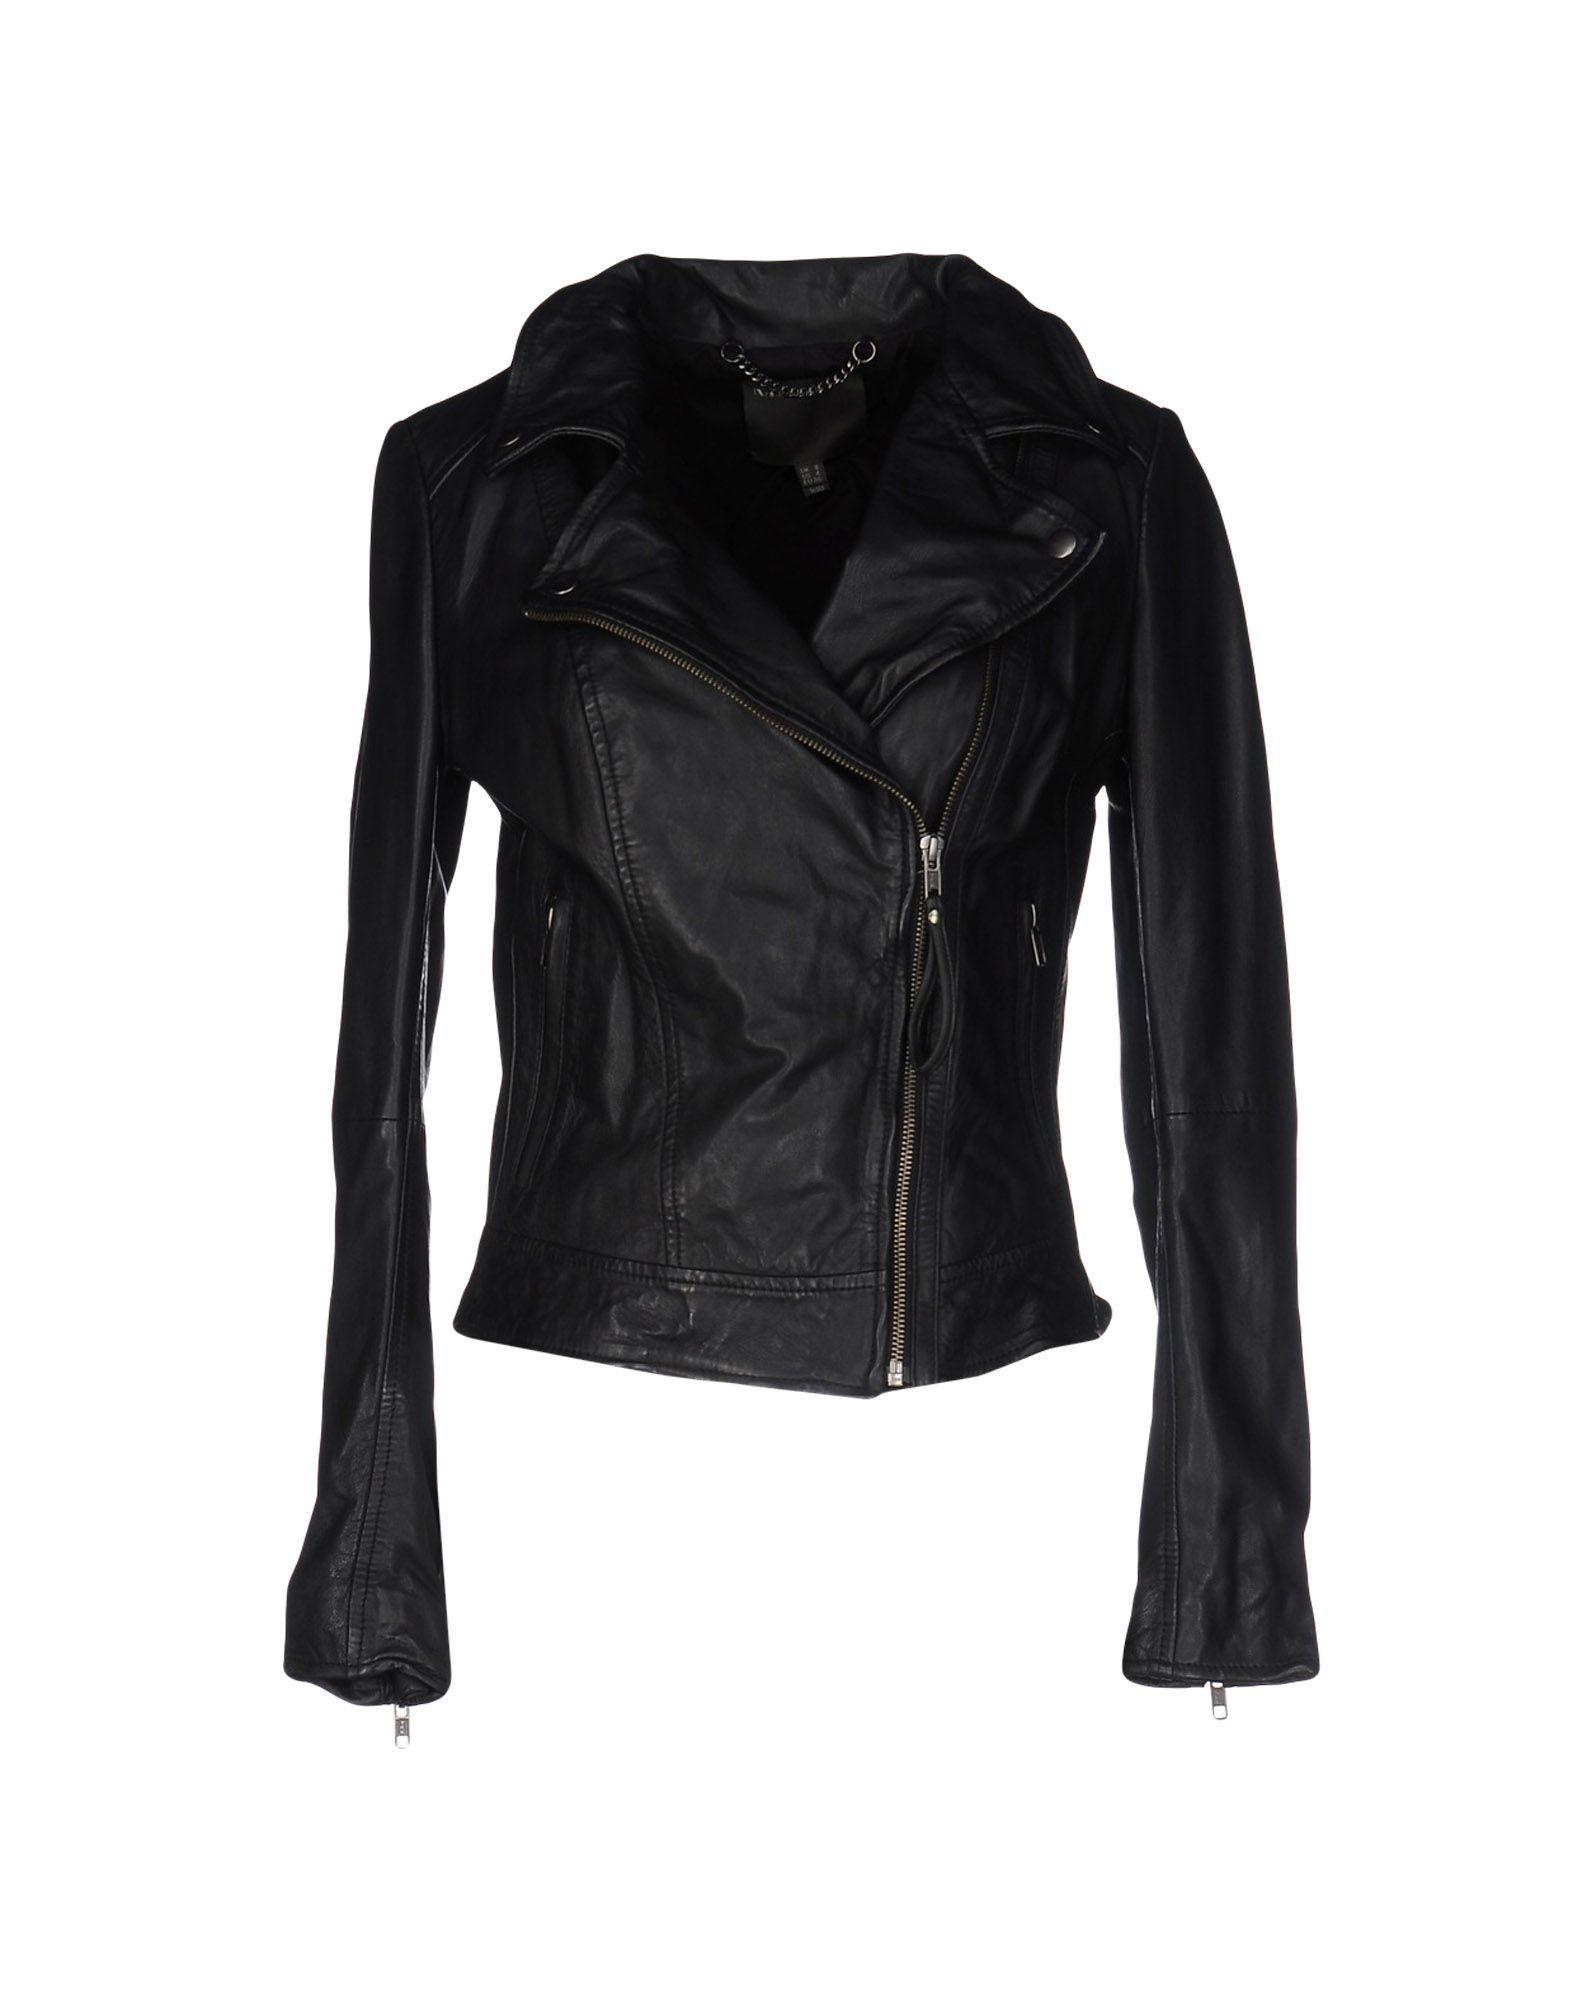 Muubaa Black Lambskin Leather Jacket